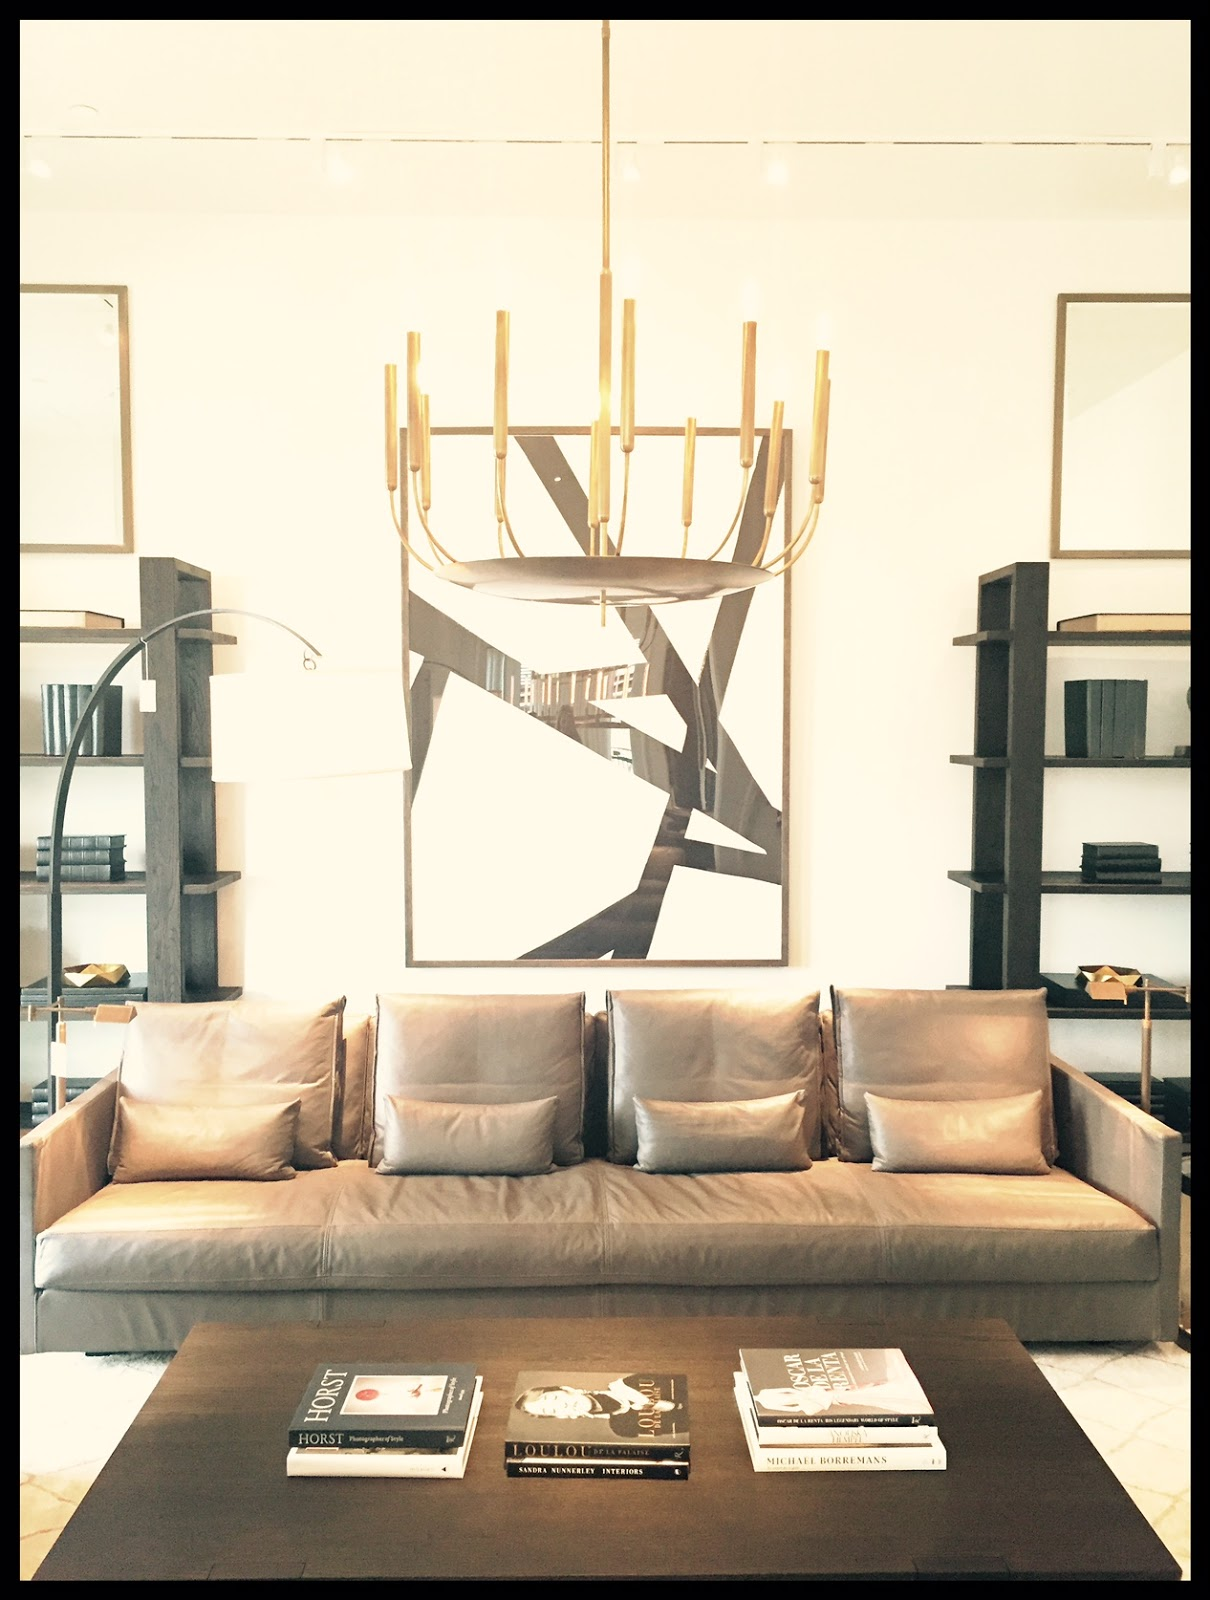 restoration hardware design indulgence. Black Bedroom Furniture Sets. Home Design Ideas